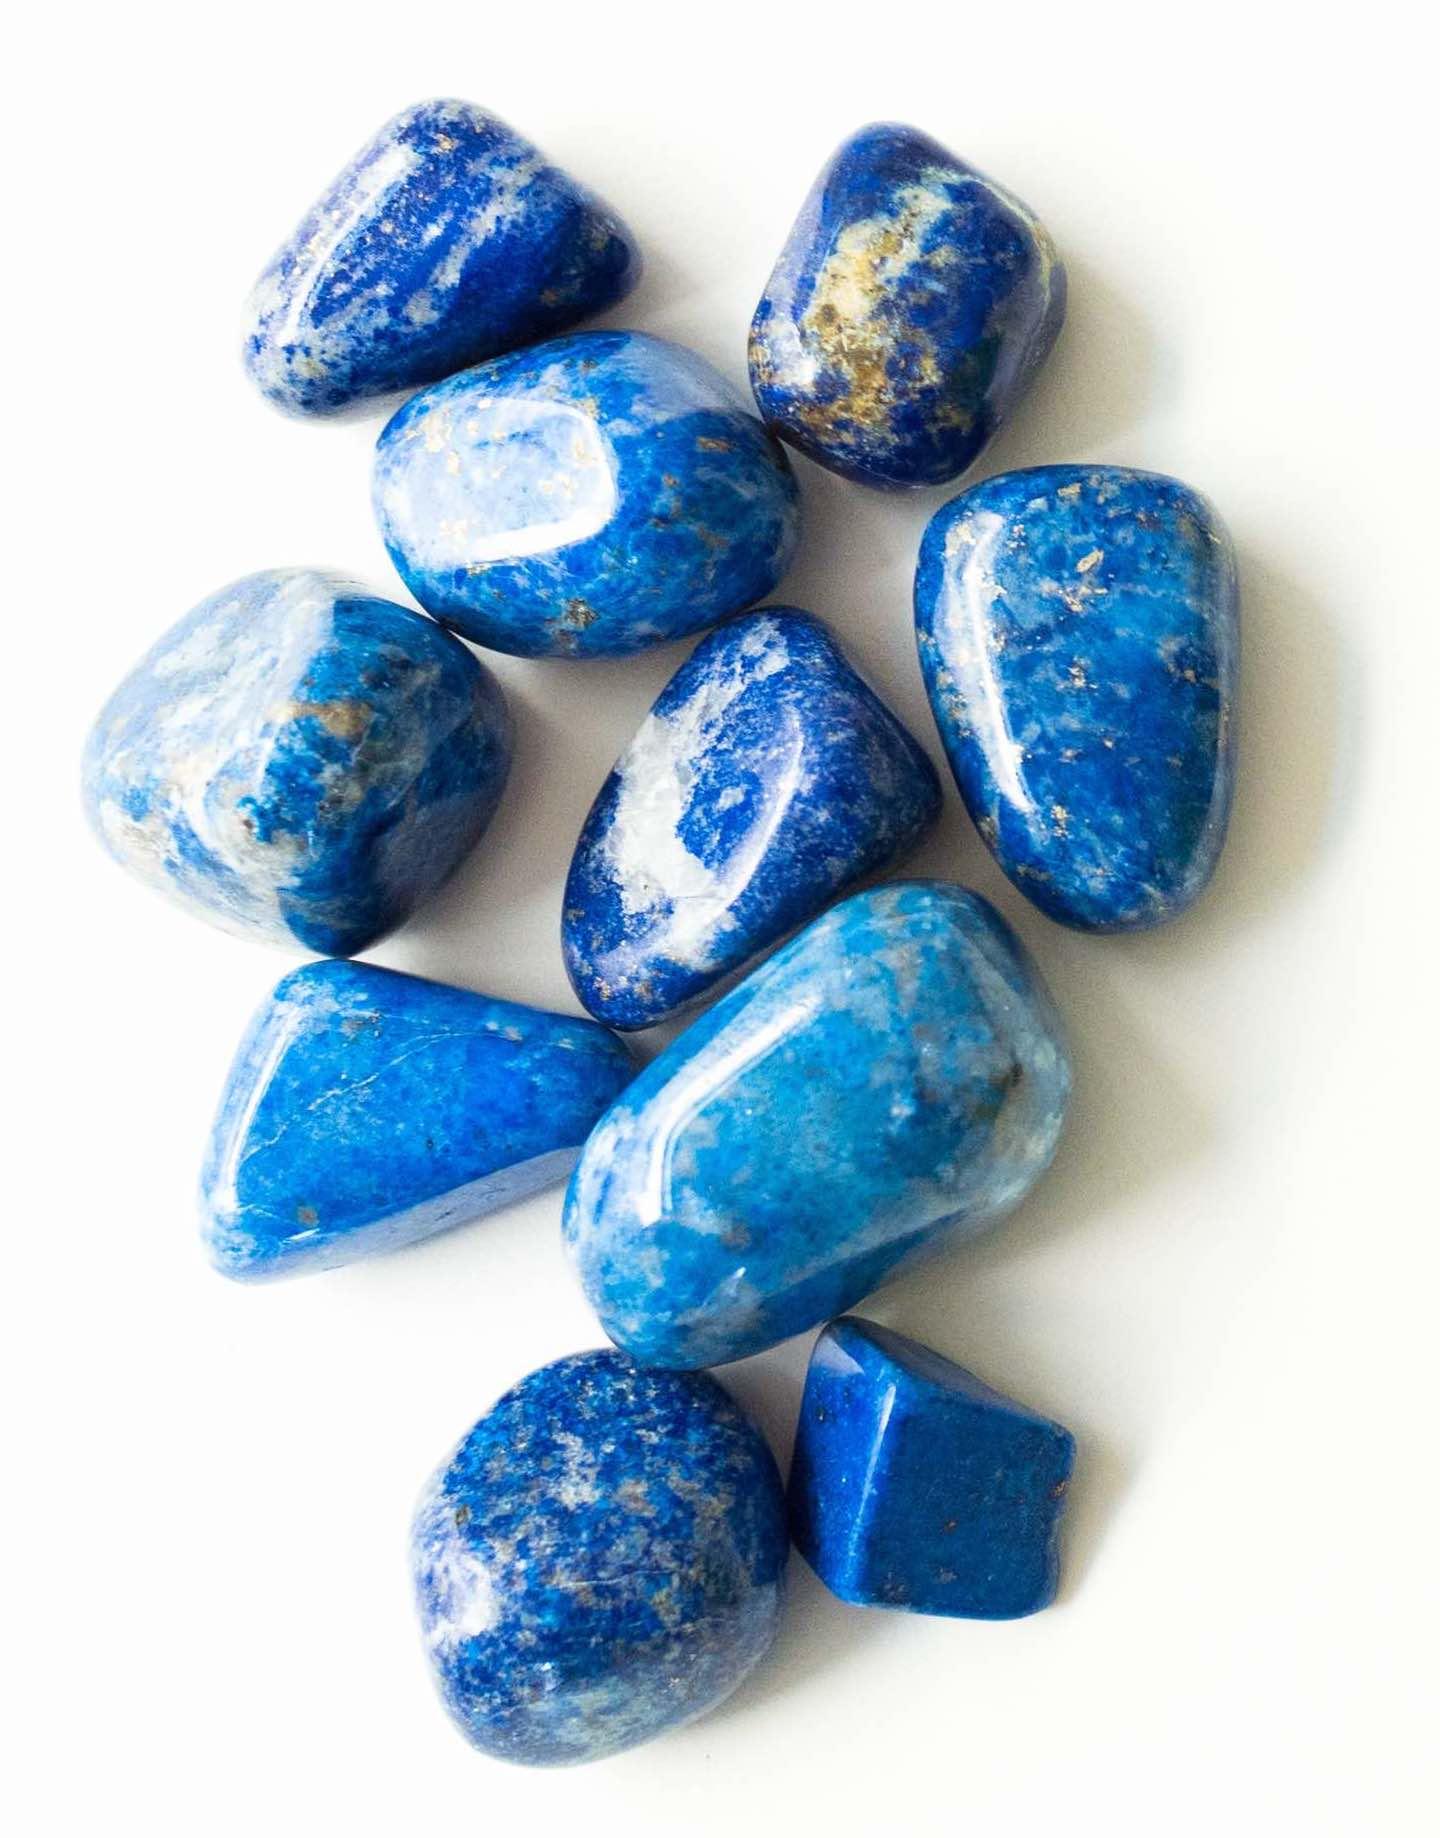 Thérapies énergétiques et développement personnel symbolisés par des Lapis Lazuli guérisseurs